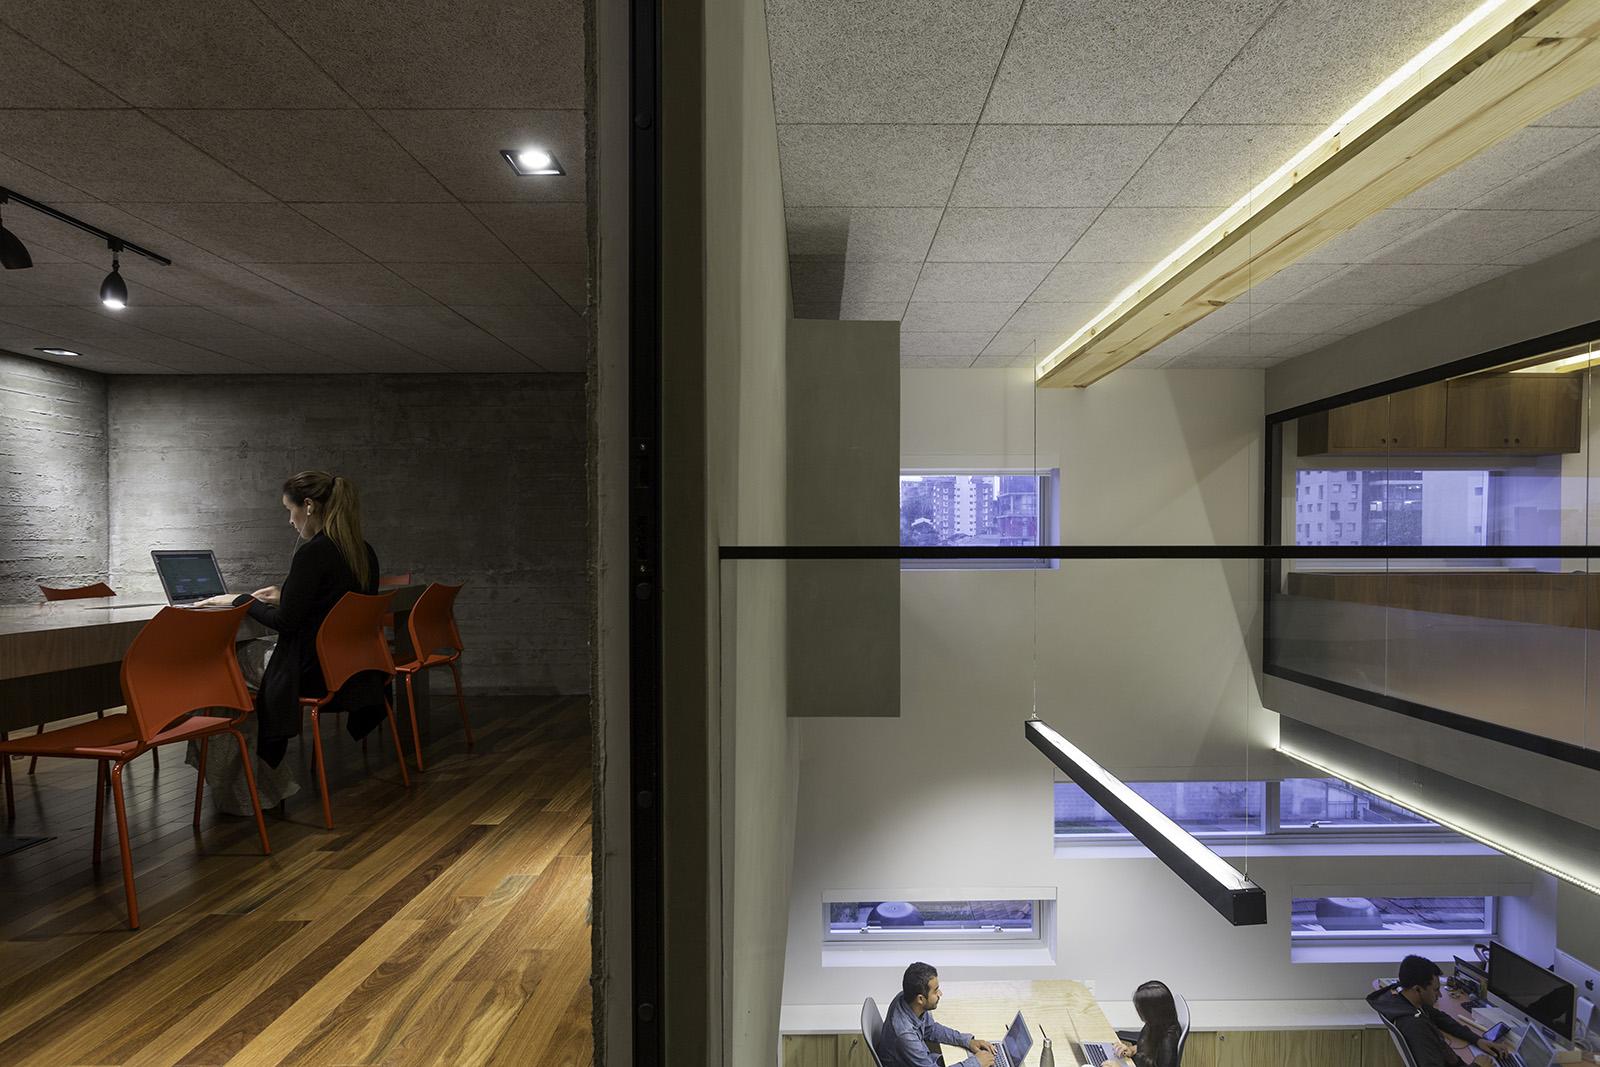 airbnb-sao-paulo-office-11